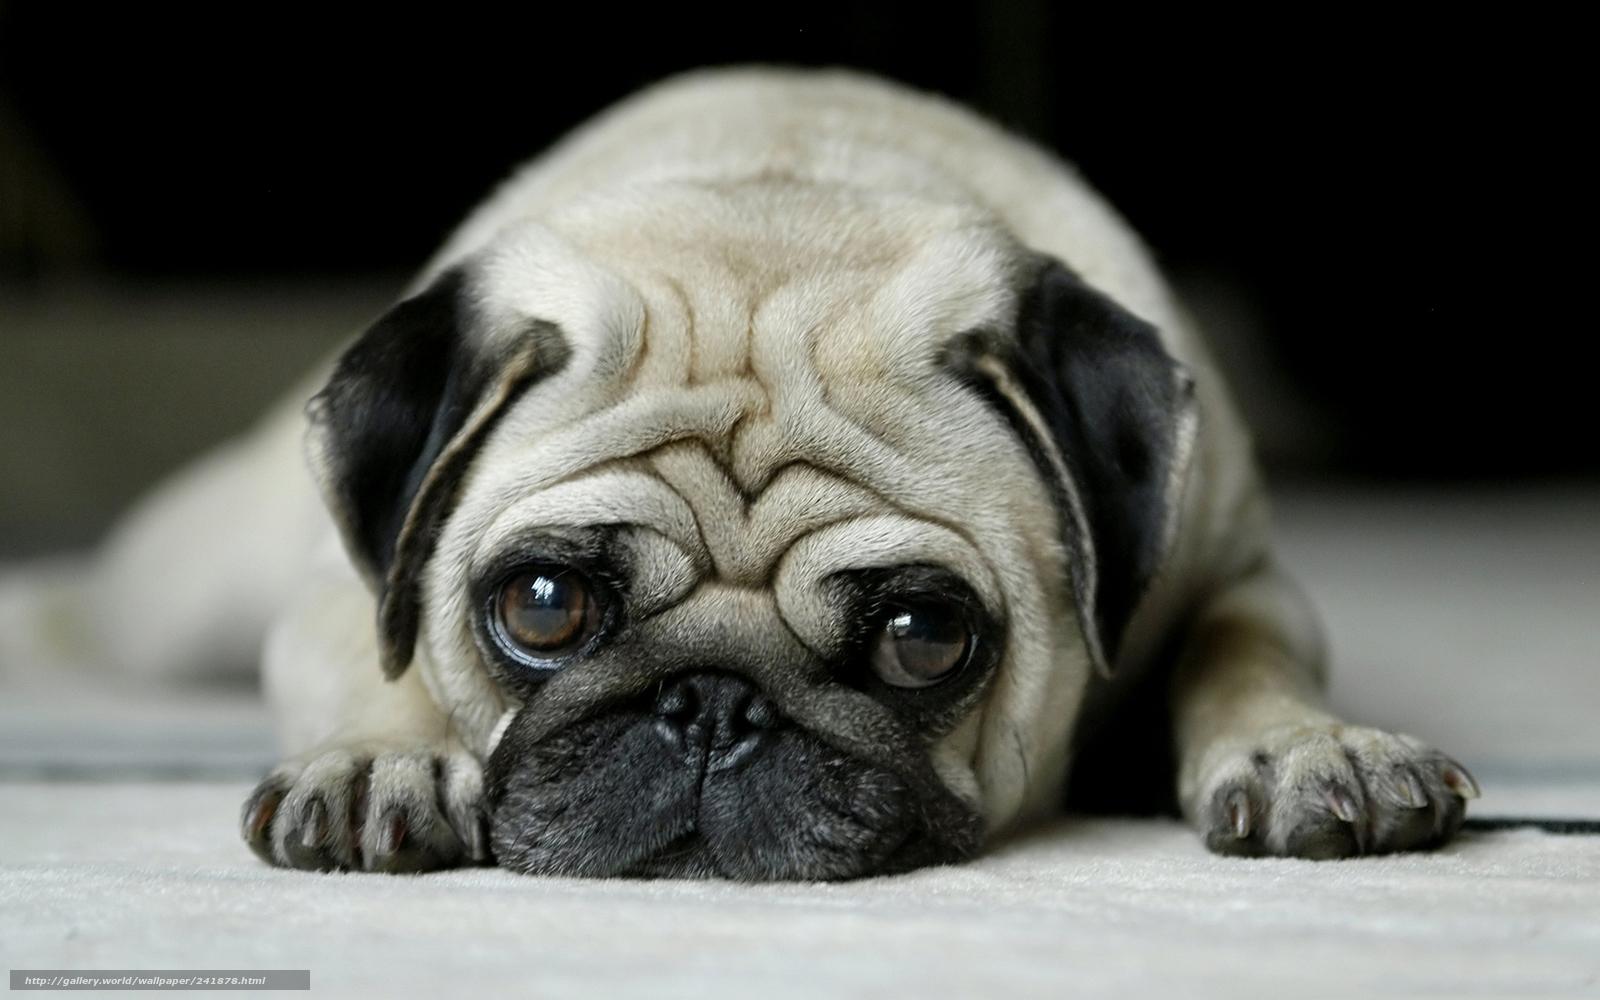 Cute Sad Puppy Dog Eyes